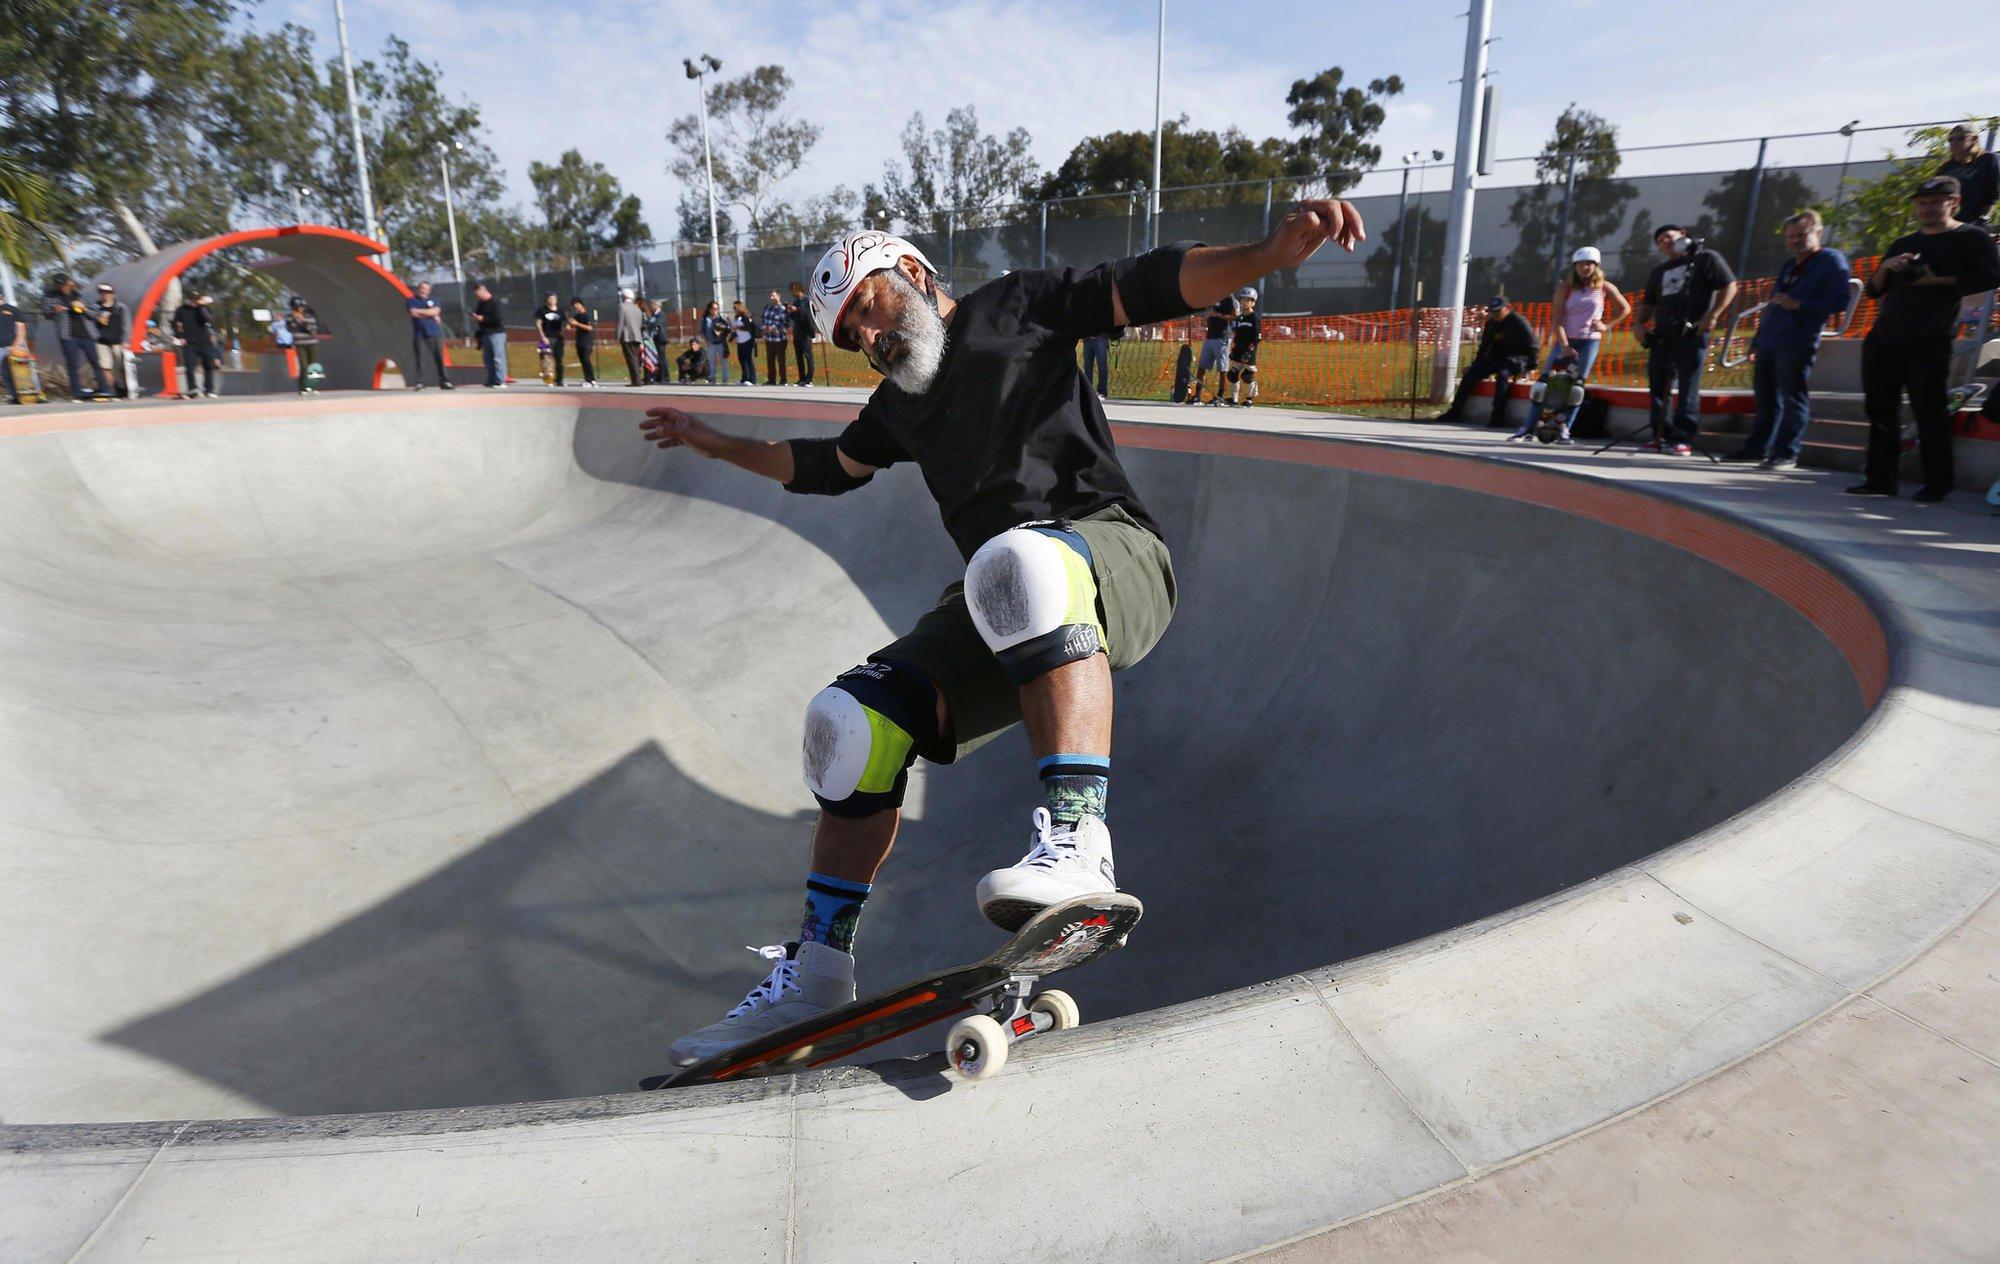 как стать скейтбордистом skateboard скейтборд отвратительные мужики disgusting men